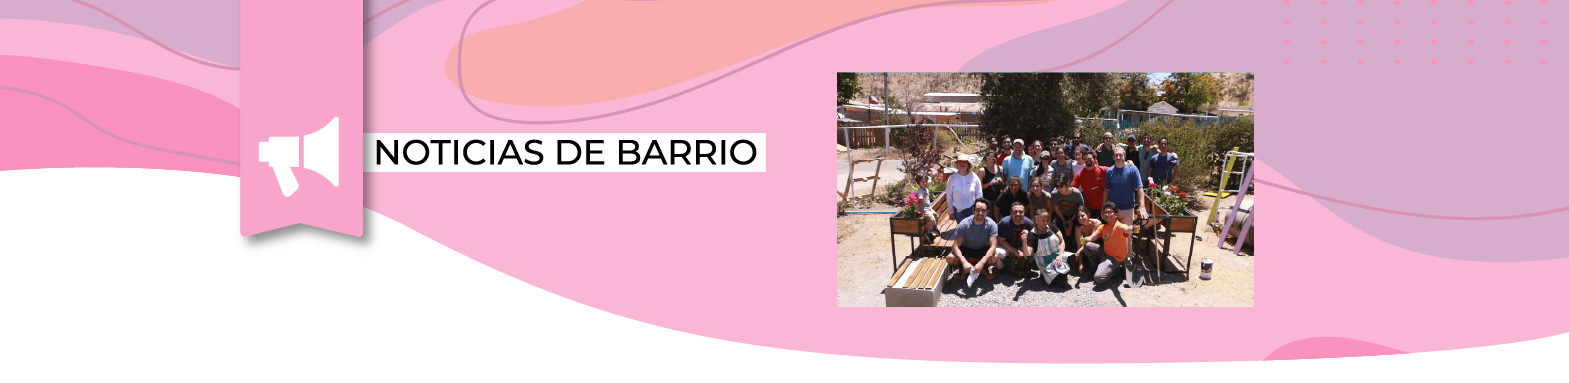 Bienvenid@s a Barrio Digital